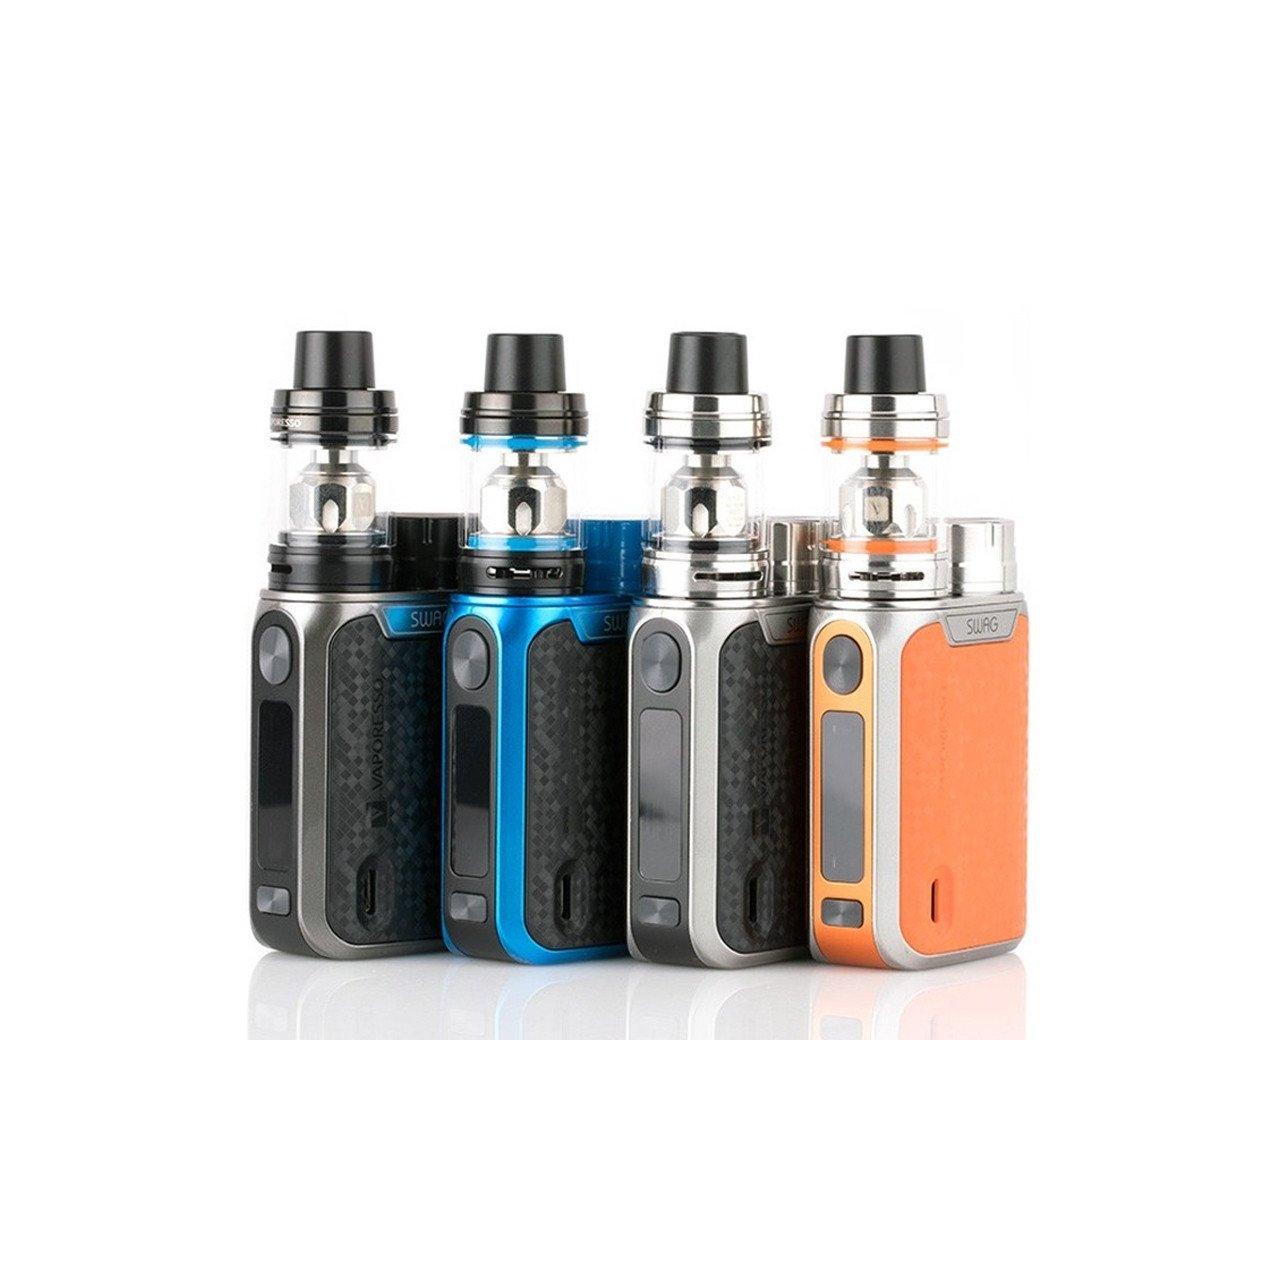 Vaporesso : quels sont les kits d'e-cigarettes Vaporesso proposées ?